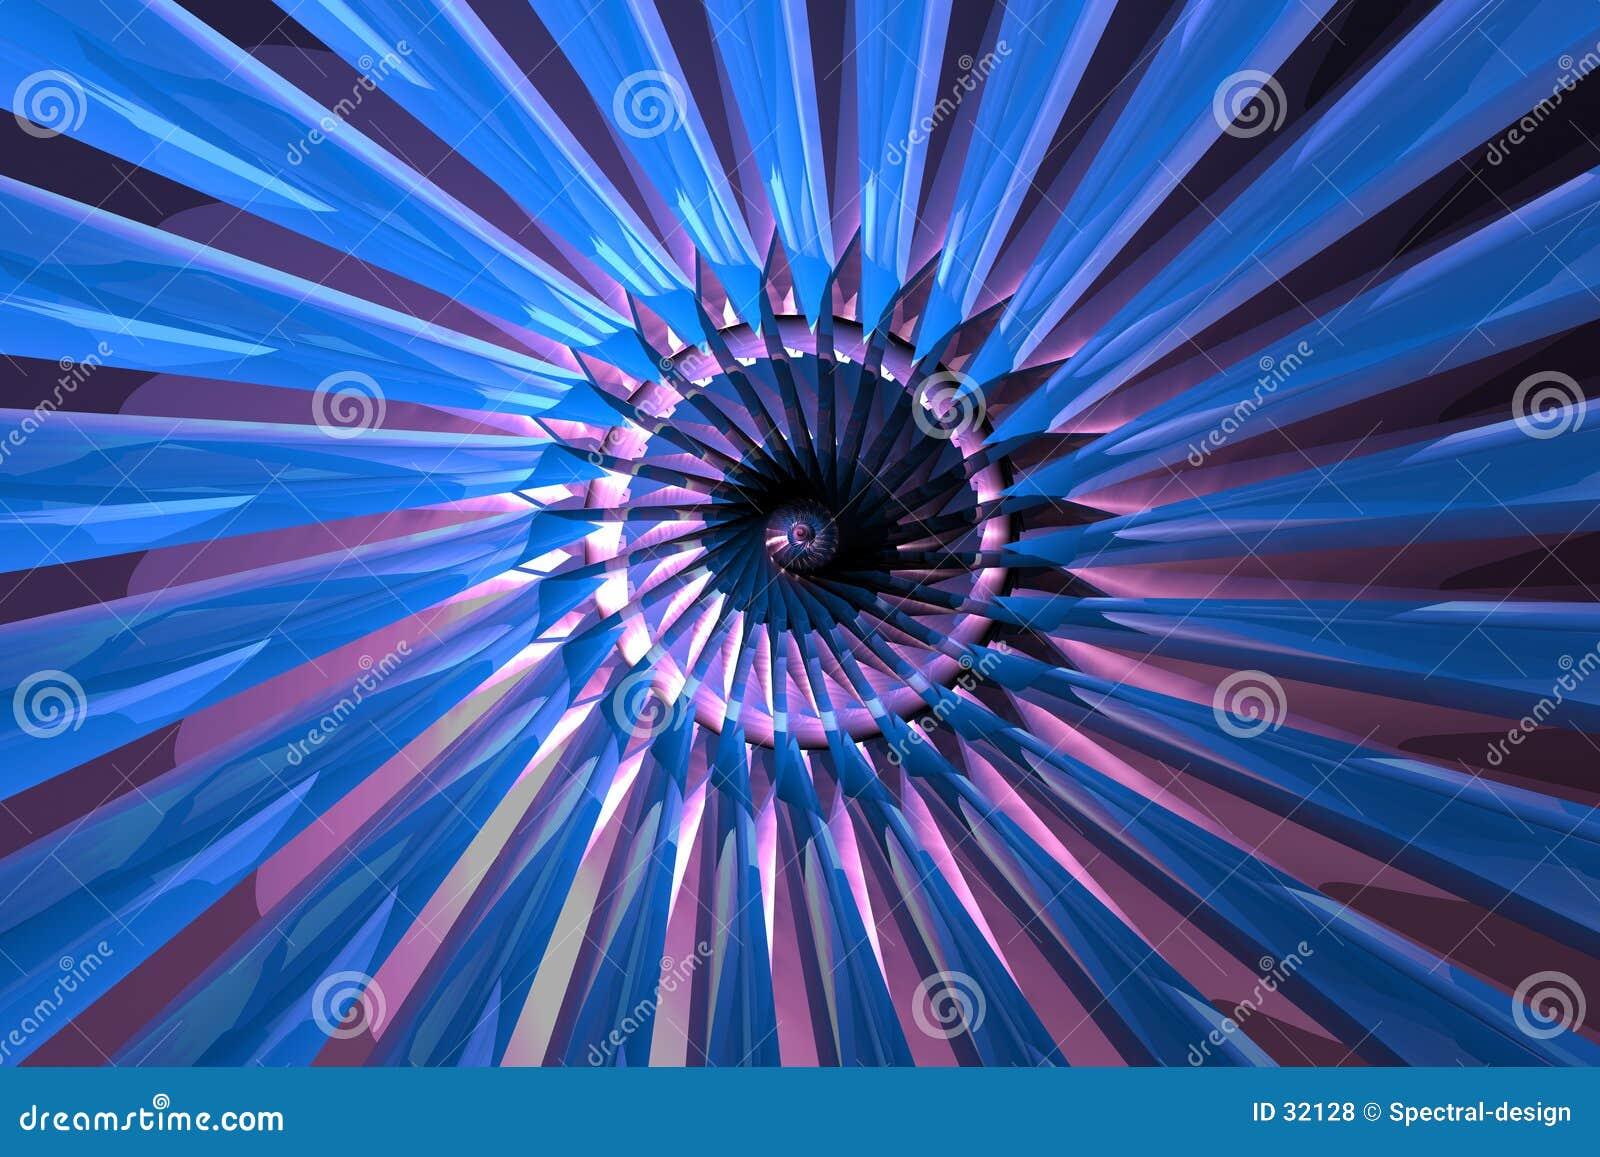 1 abstrakcyjna turbiny